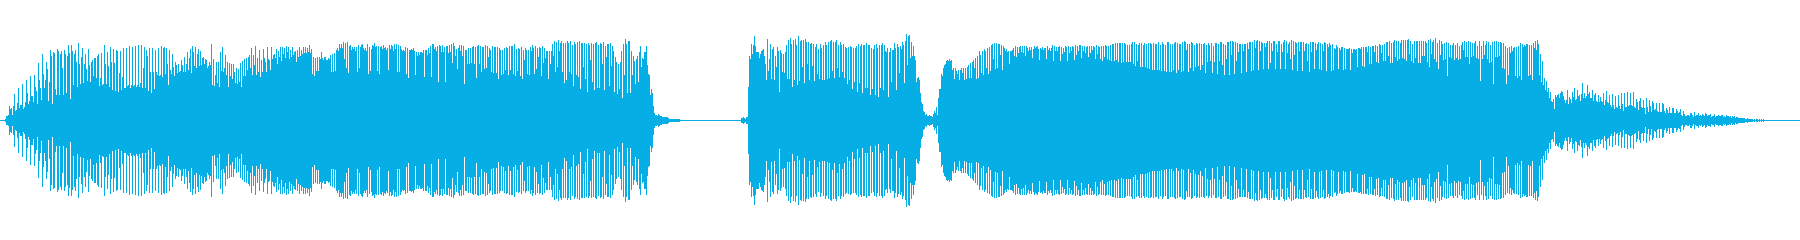 大当たり~の再生済みの波形